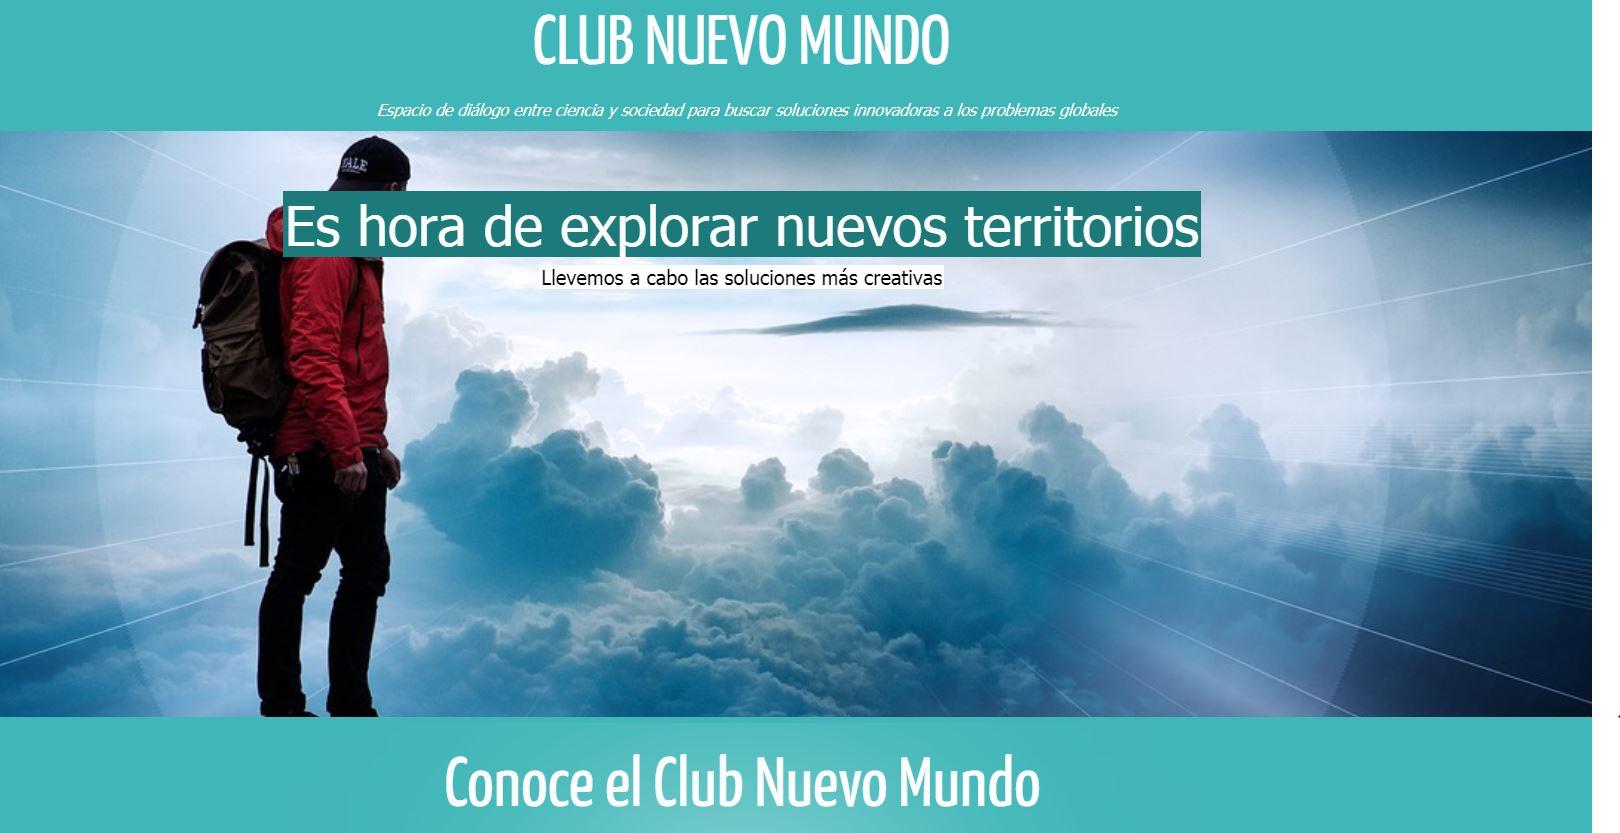 El Club Nuevo Mundo se alinea con el IPCC